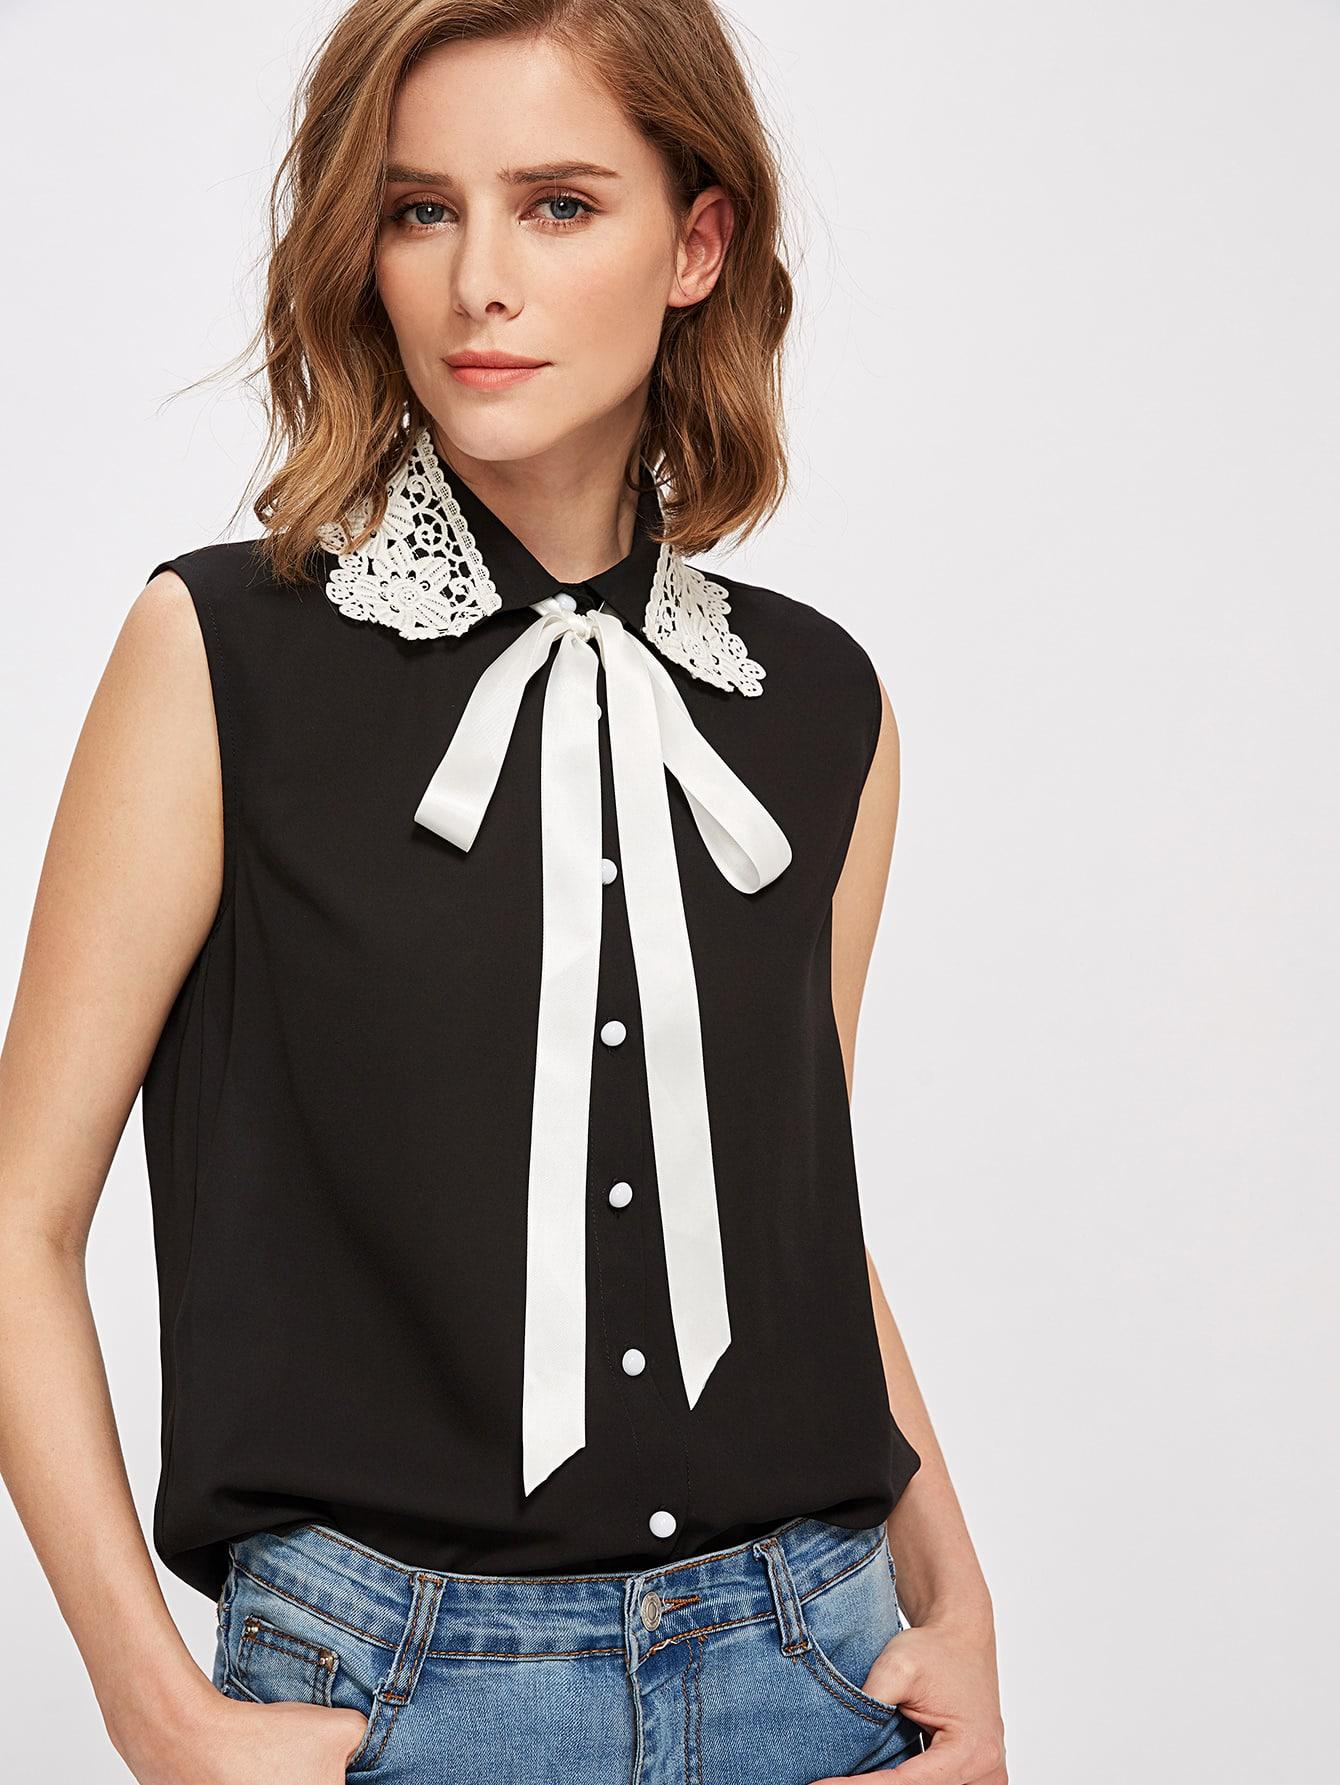 Купить Модная блуза с бантом и кружевной вставкой, Zoranaa, SheIn